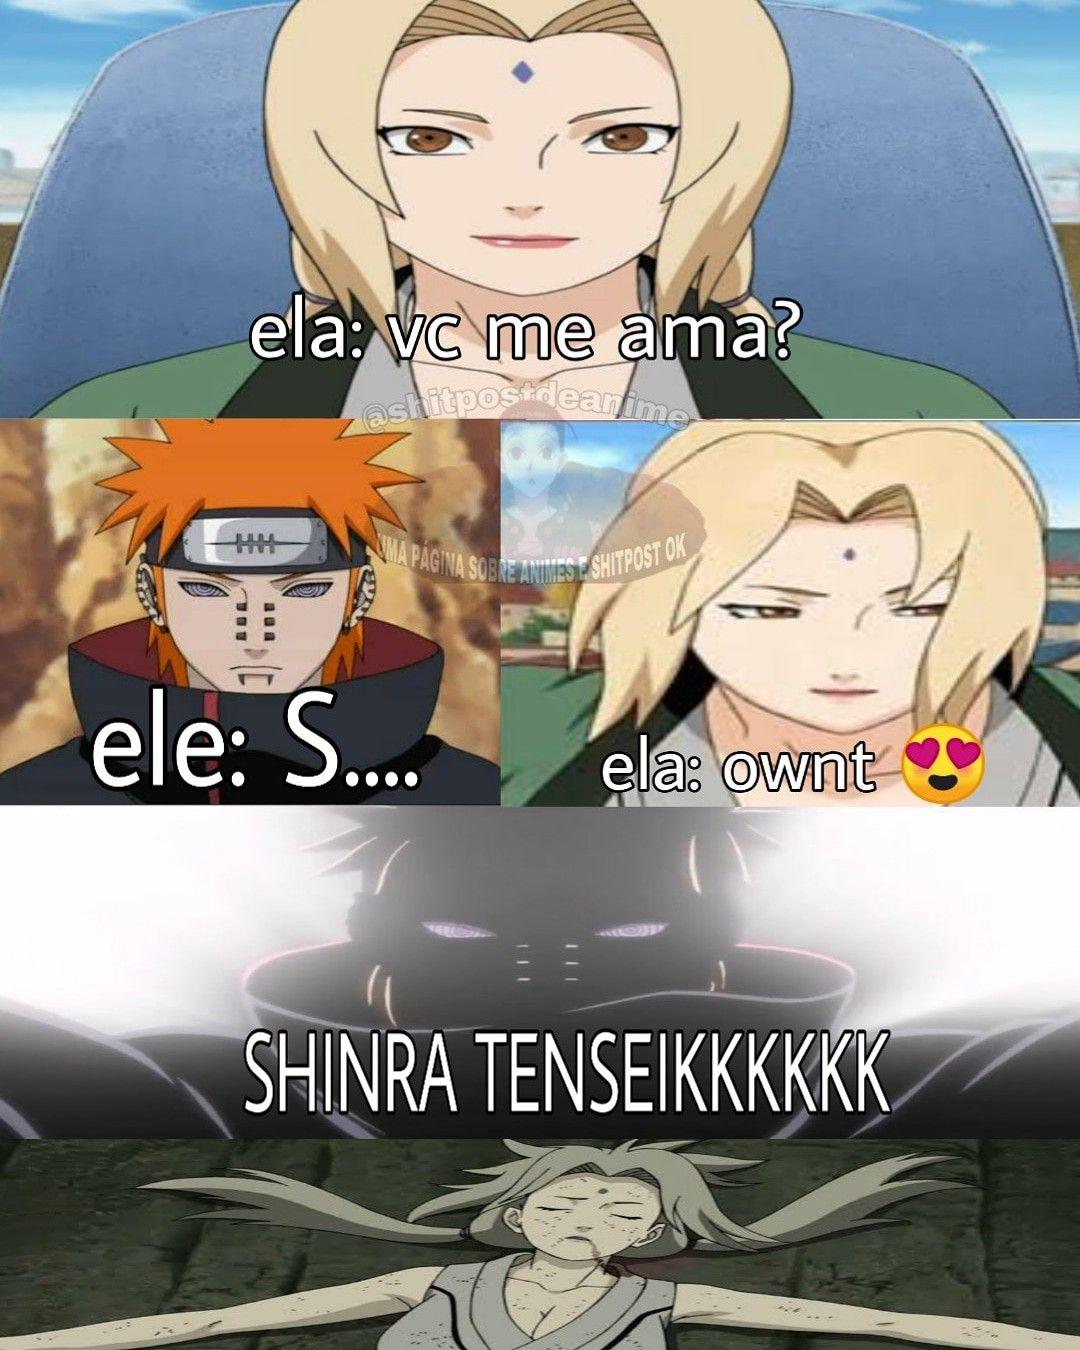 ㅤㅤㅤpoxajuao em 2020 Memes engraçados, Memes, Anime